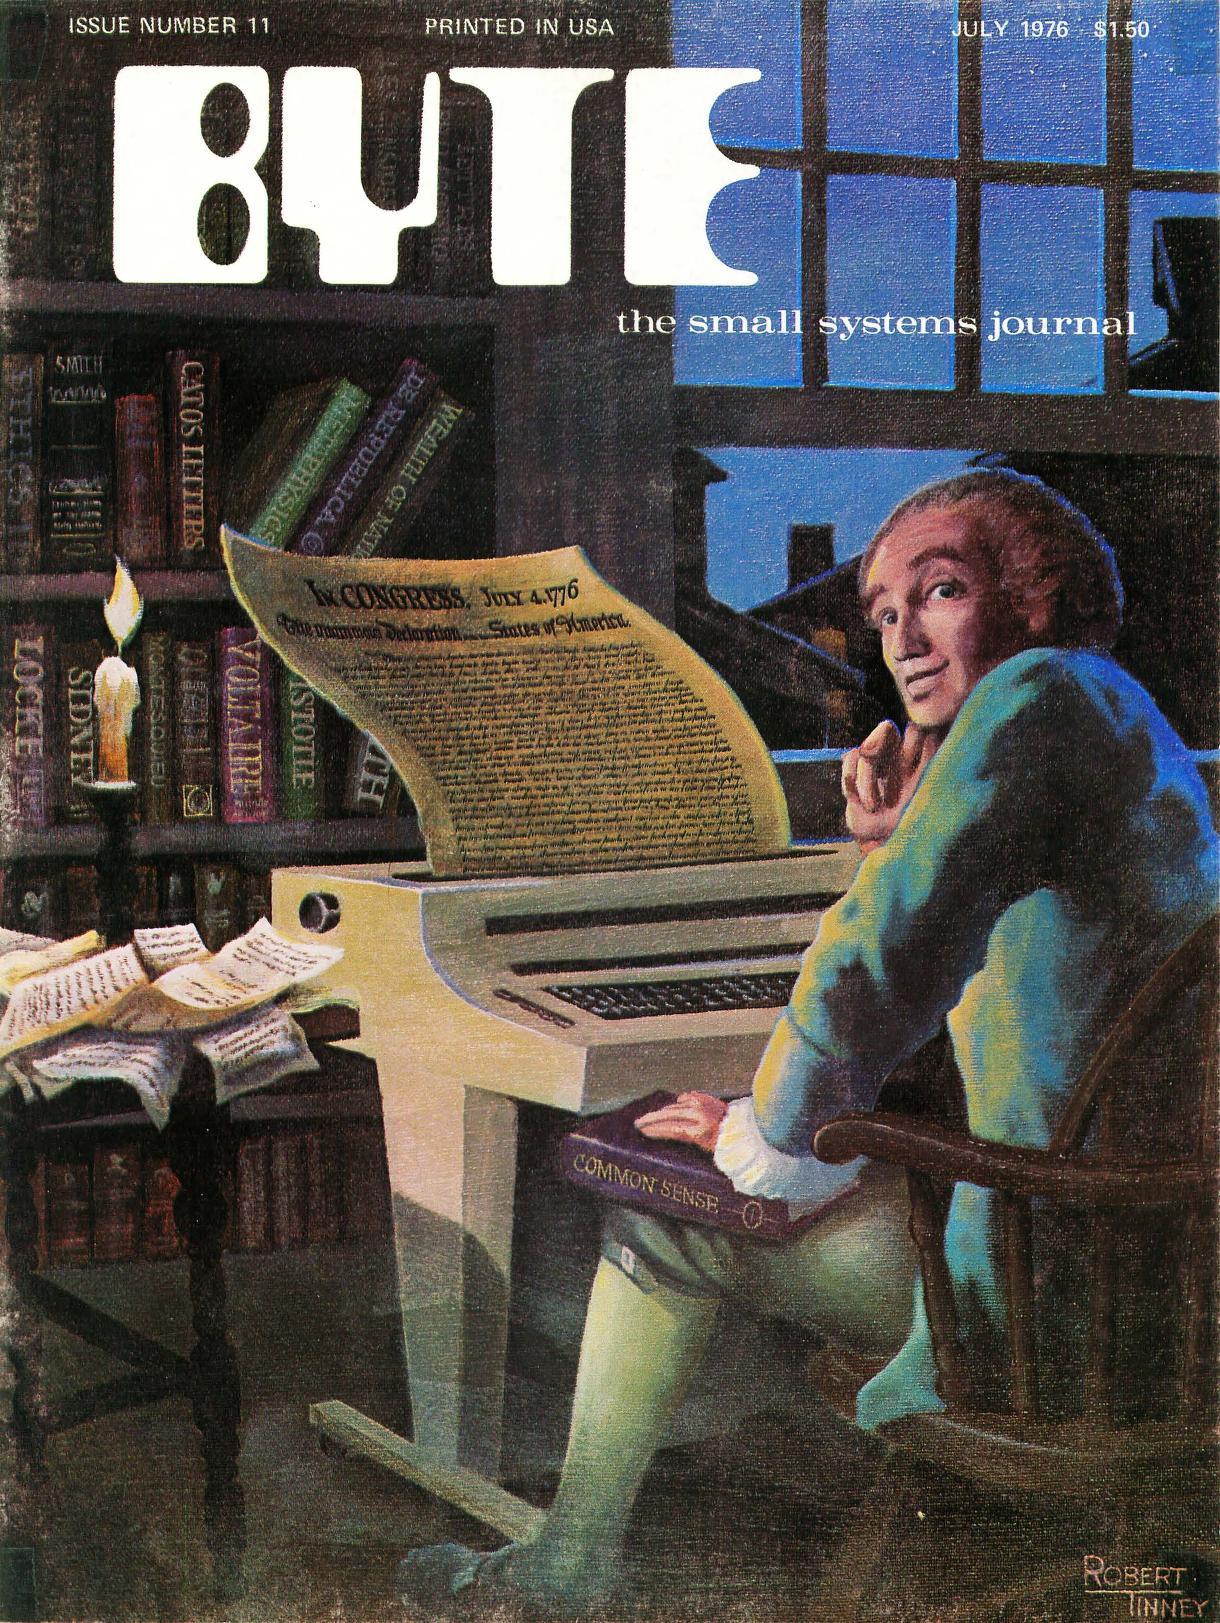 Juli 1976. Malt av Robert Tinney. En forside full av anakronismer. Artiklene i bladet inkluderer en guide som lærer deg å bygge ditt eget elektroniske grensesnitt for lasting av programmer fra kassett.